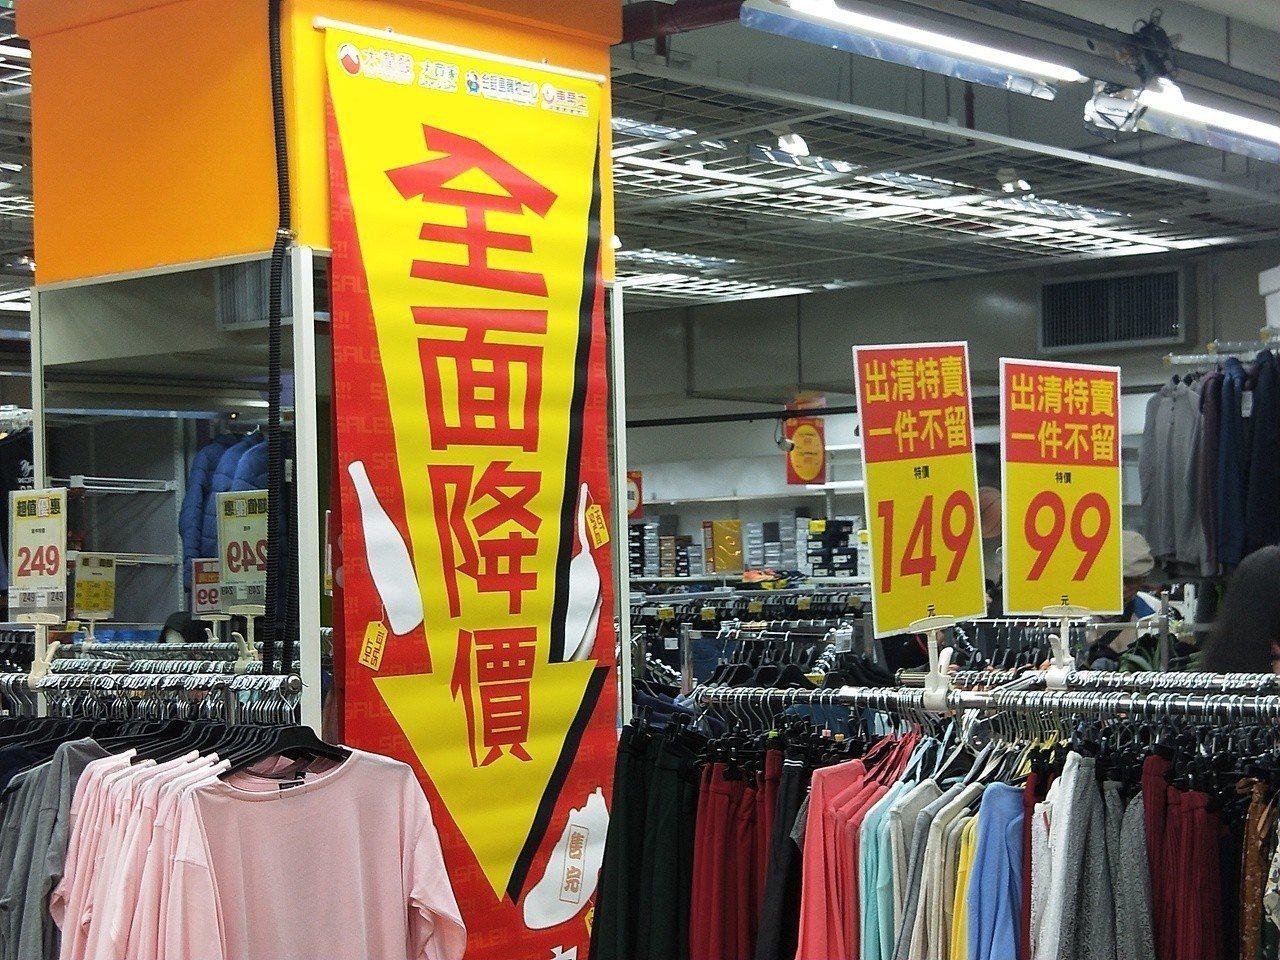 賣場很多攤位都貼出全面降低價、出清,家電商品也貼出出清特價,民眾可把握最後機會搶...